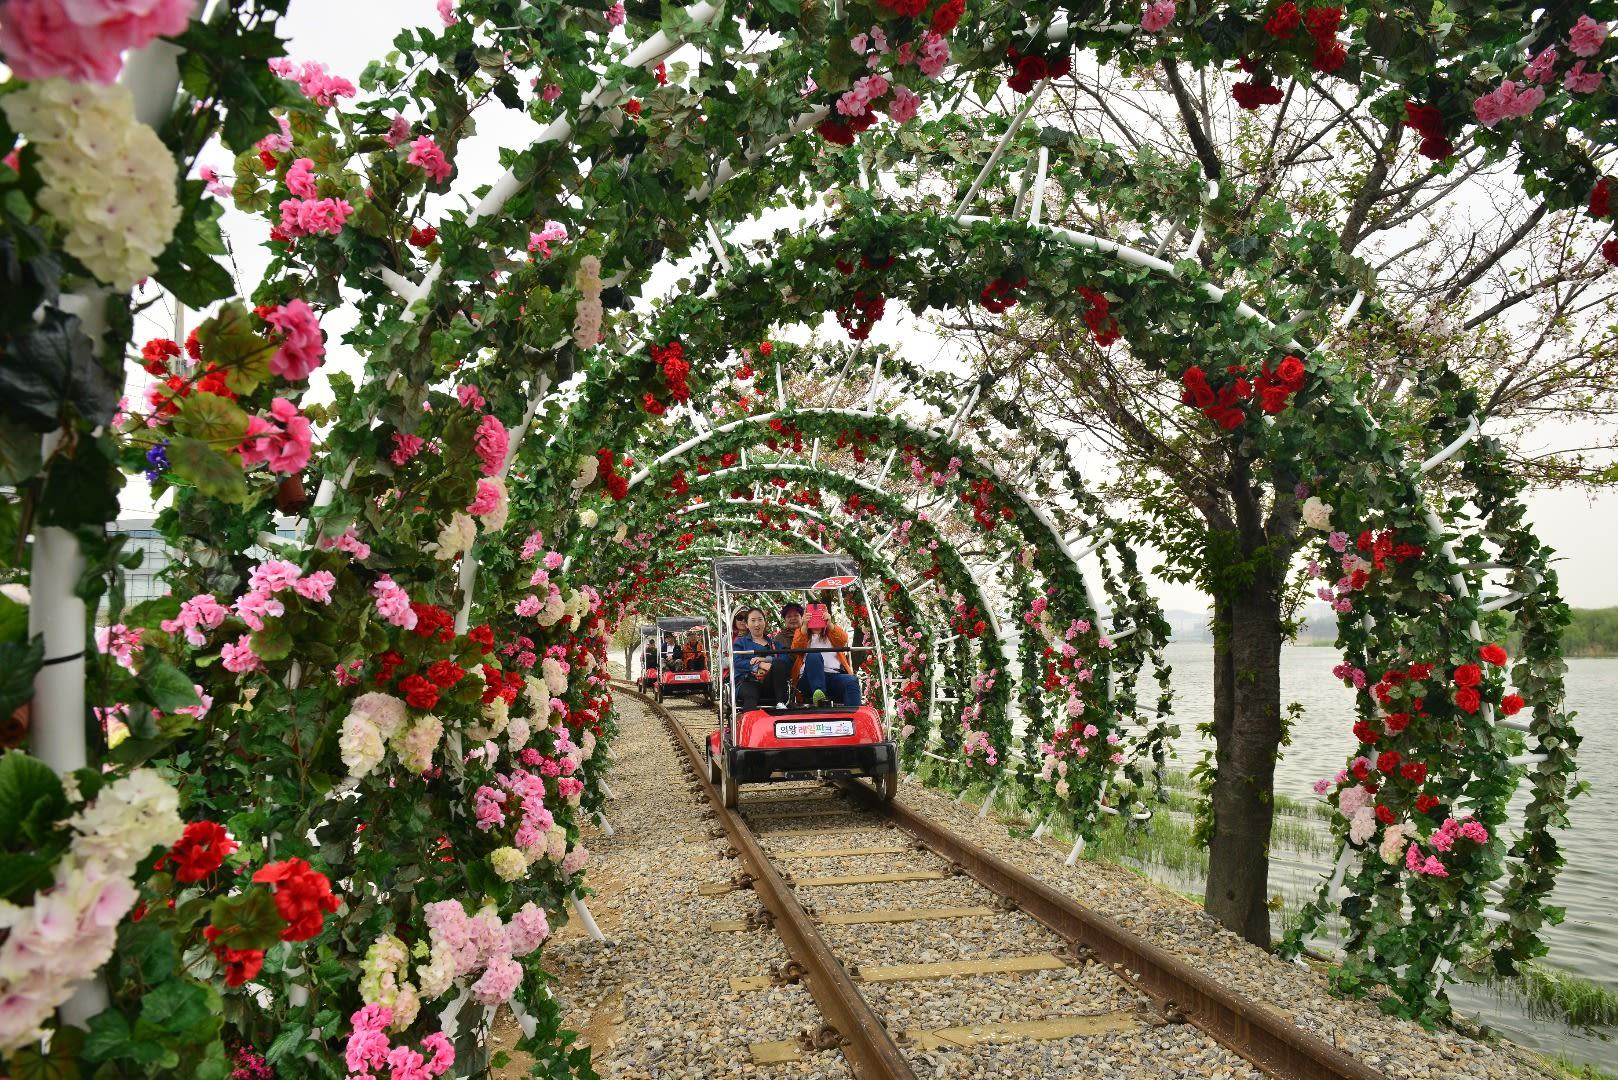 hoạt động săn hoa anh đào ở hàn quốc: đường sắt uiwang